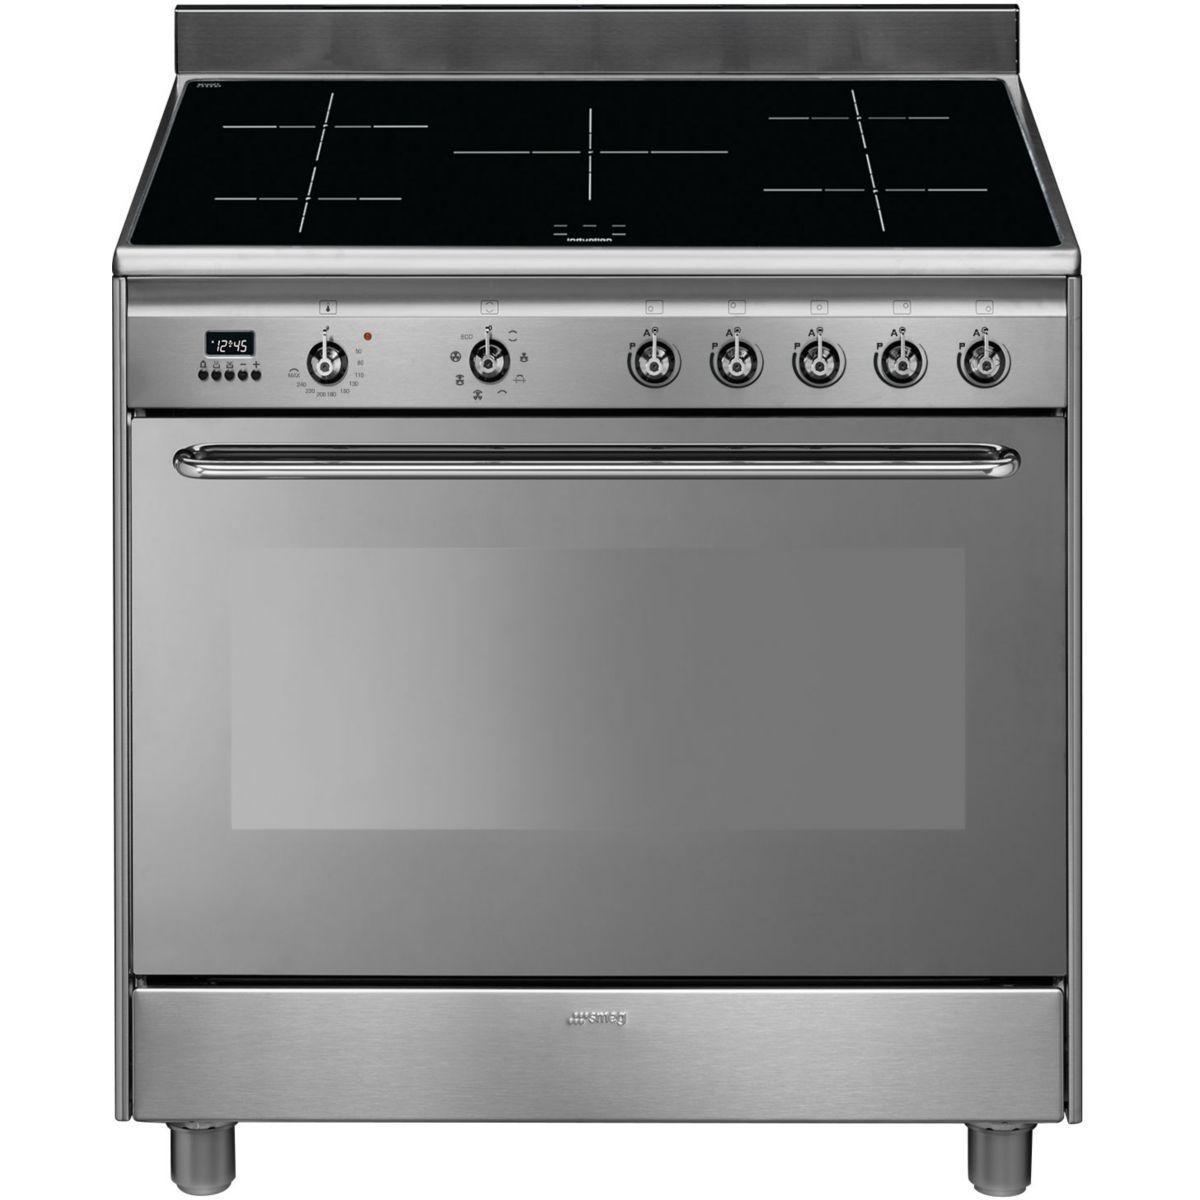 Piano de cuisson induction smeg cg90ix9 - 20% de remise imm�diate avec le code : gam20 (photo)